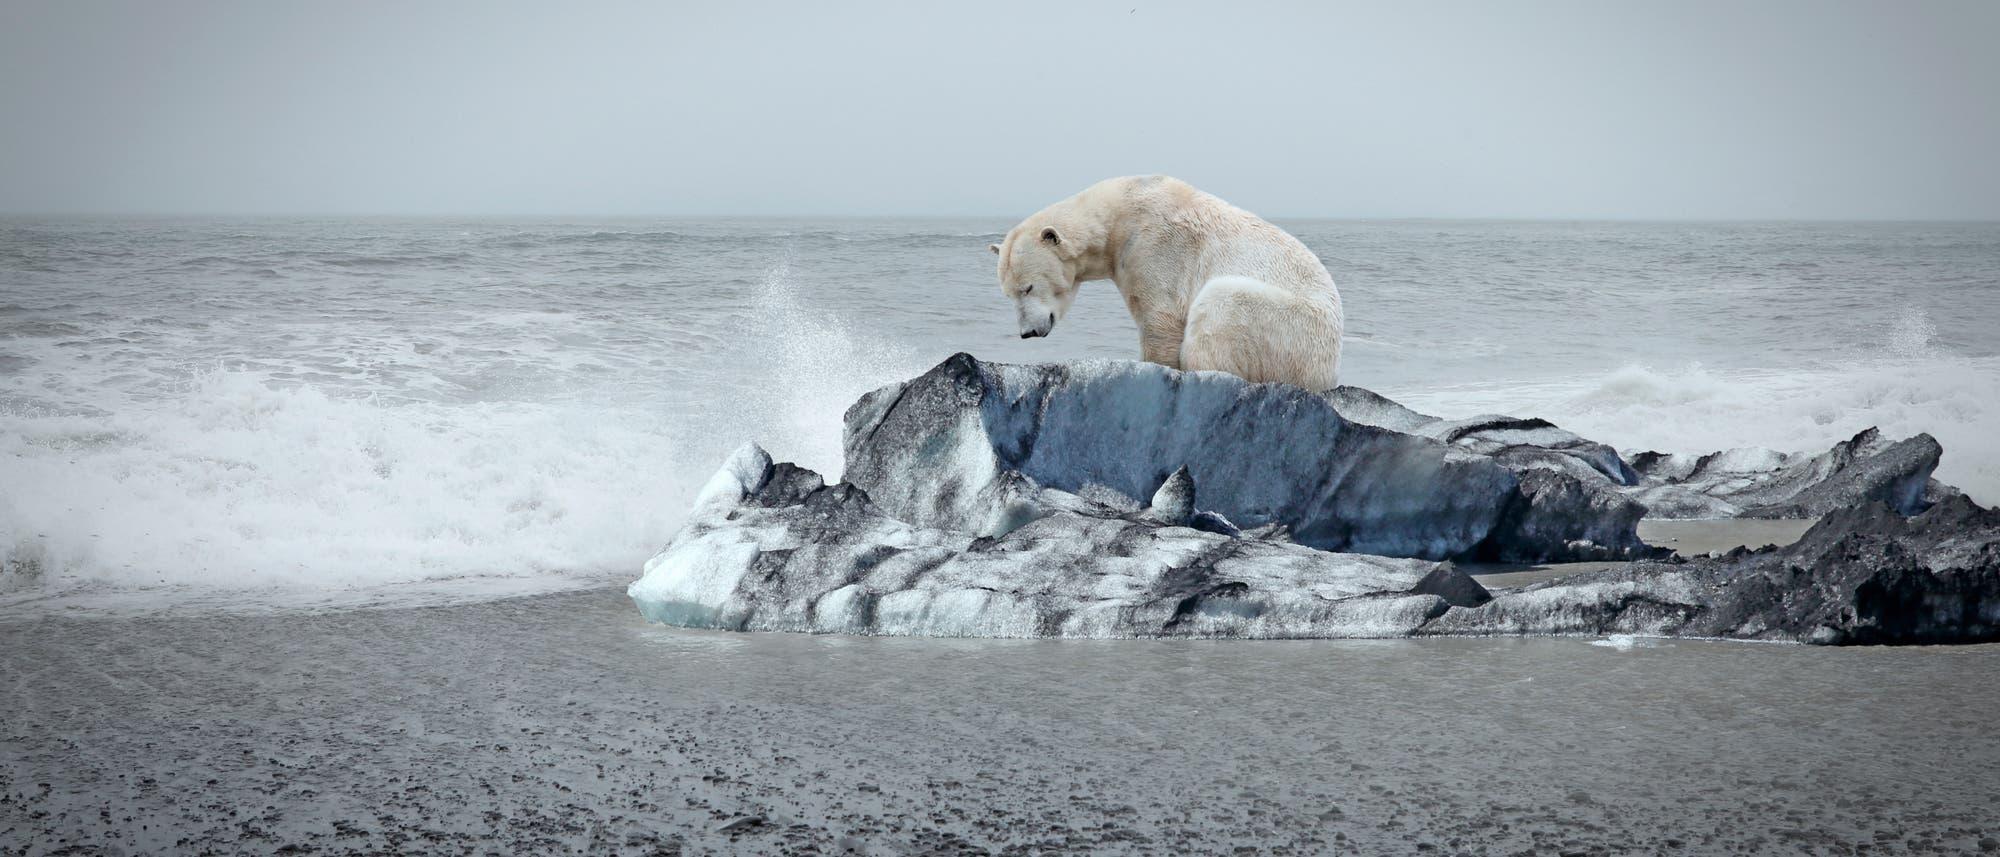 Arktische Tiere wie Eisbären sind auf Meereis angewiesen. Obwohl die jährliche Mindestausdehnung in diesem Jahr relativ hoch war, schrumpft die Eisdecke mit dem globalen Temperaturanstieg.